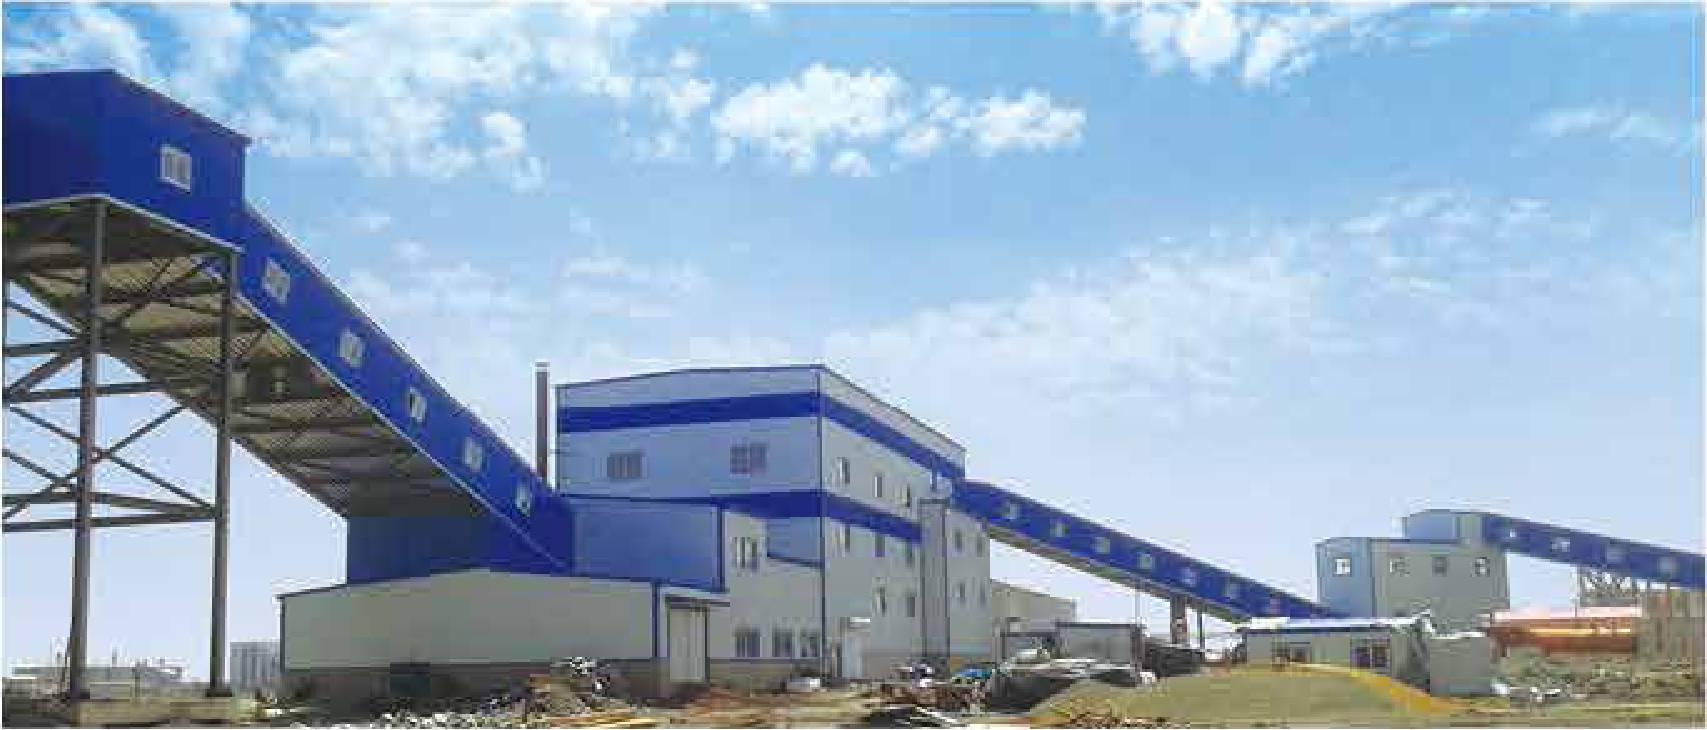 辽宁铁岭双树子煤矿有限公司150万吨跳汰